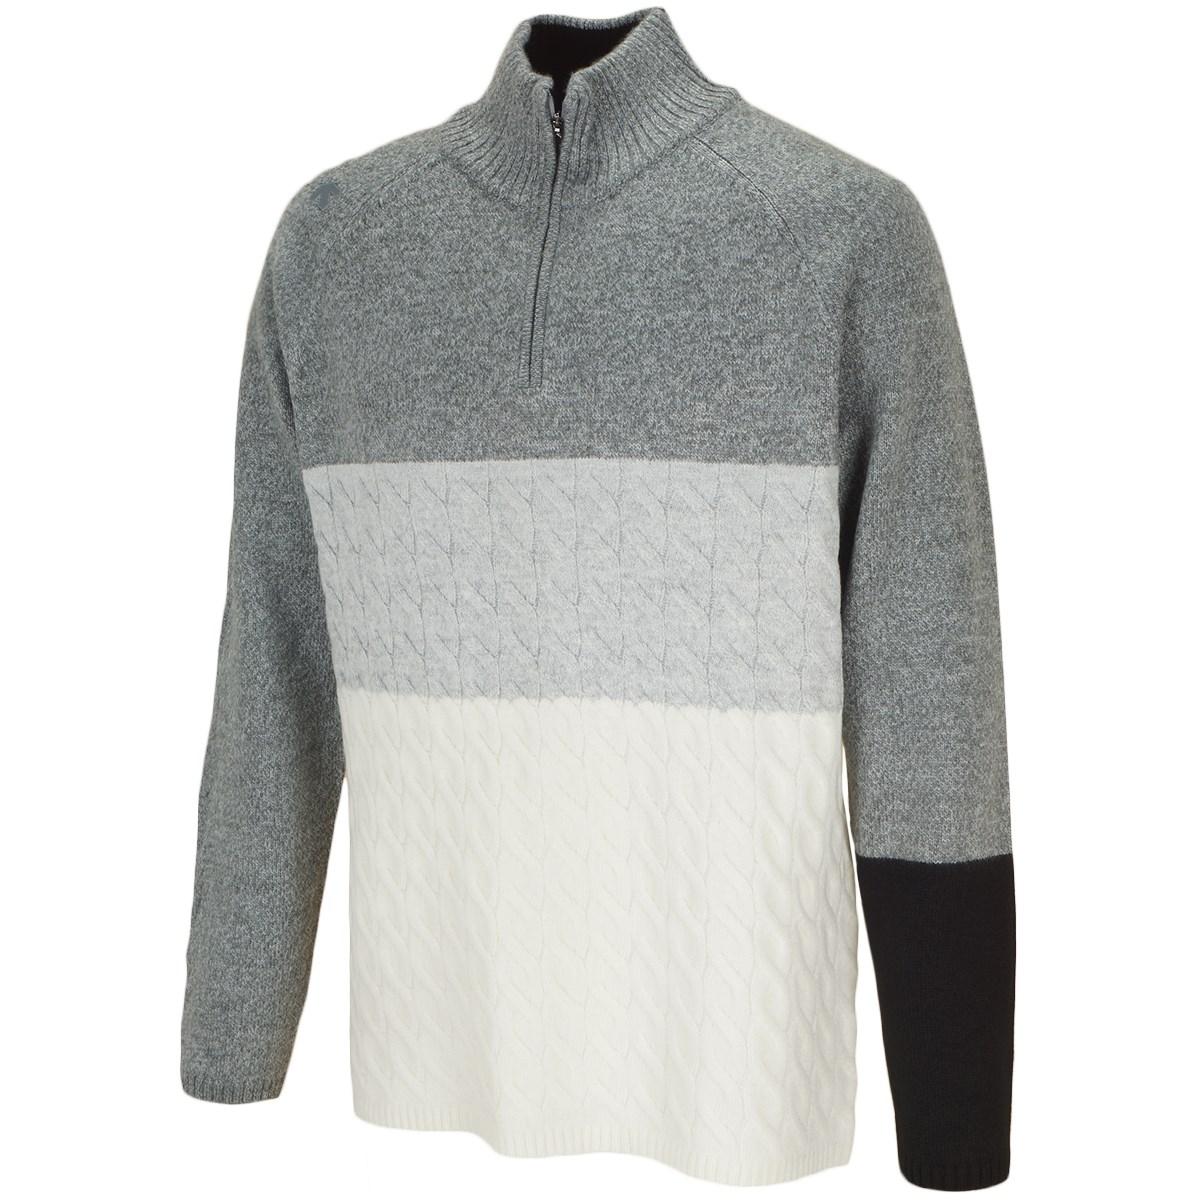 デサントゴルフ(DESCENTE GOLF) ウールポリエステルローゲージハーフジップセーター